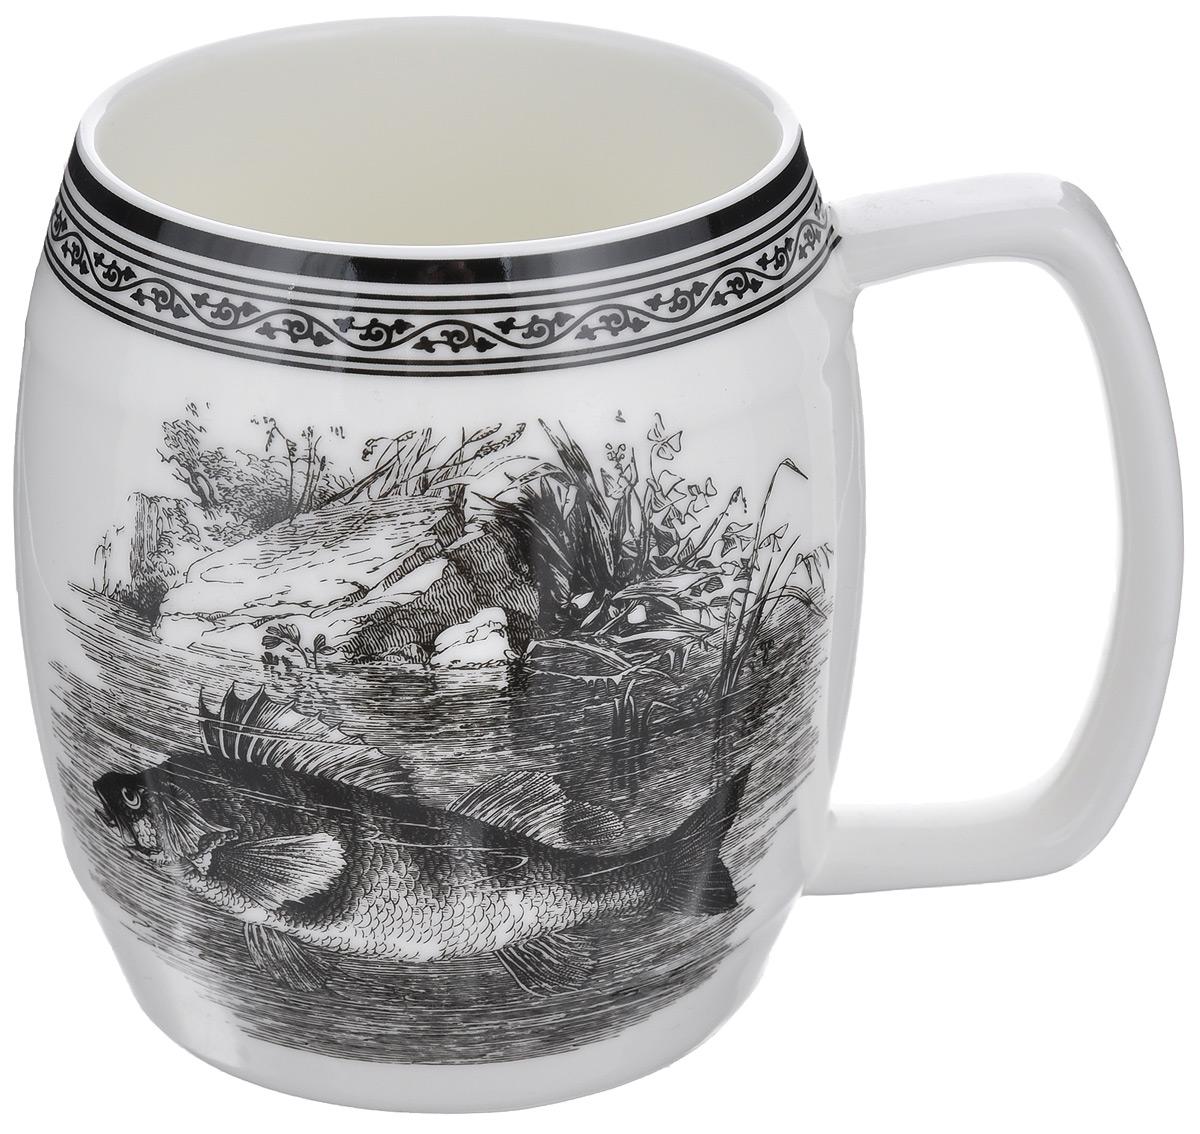 Кружка пивная Elan Gallery Удачная рыбалка, 700 мл115510Большая кружка Elan Gallery Удачная рыбалка, выполненная из керамики, станет оригинальным подарком любимым мужчинам! Идеальна для тех, кто предпочитает большие кружки, и для любителей чая, кофе и пенных напитков. Не рекомендуется применять абразивные моющие средства.Не использовать в микроволновой печи.